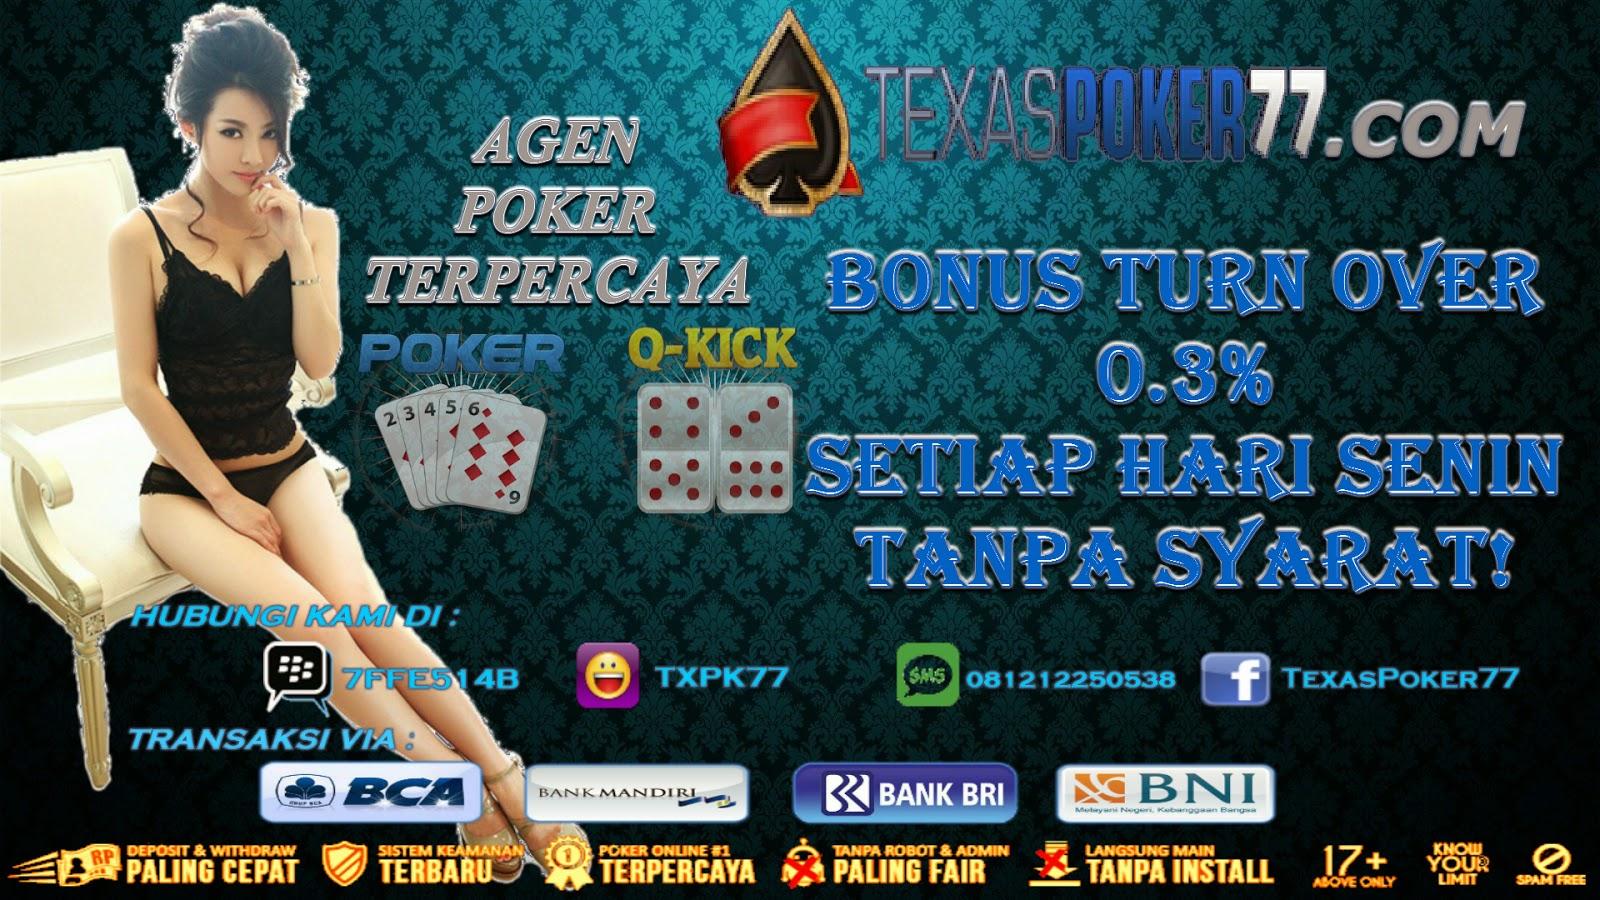 Texas Bookie Cara Melakukan Deposit Di Judi Poker Online Indonesia Texaspoker77 Com